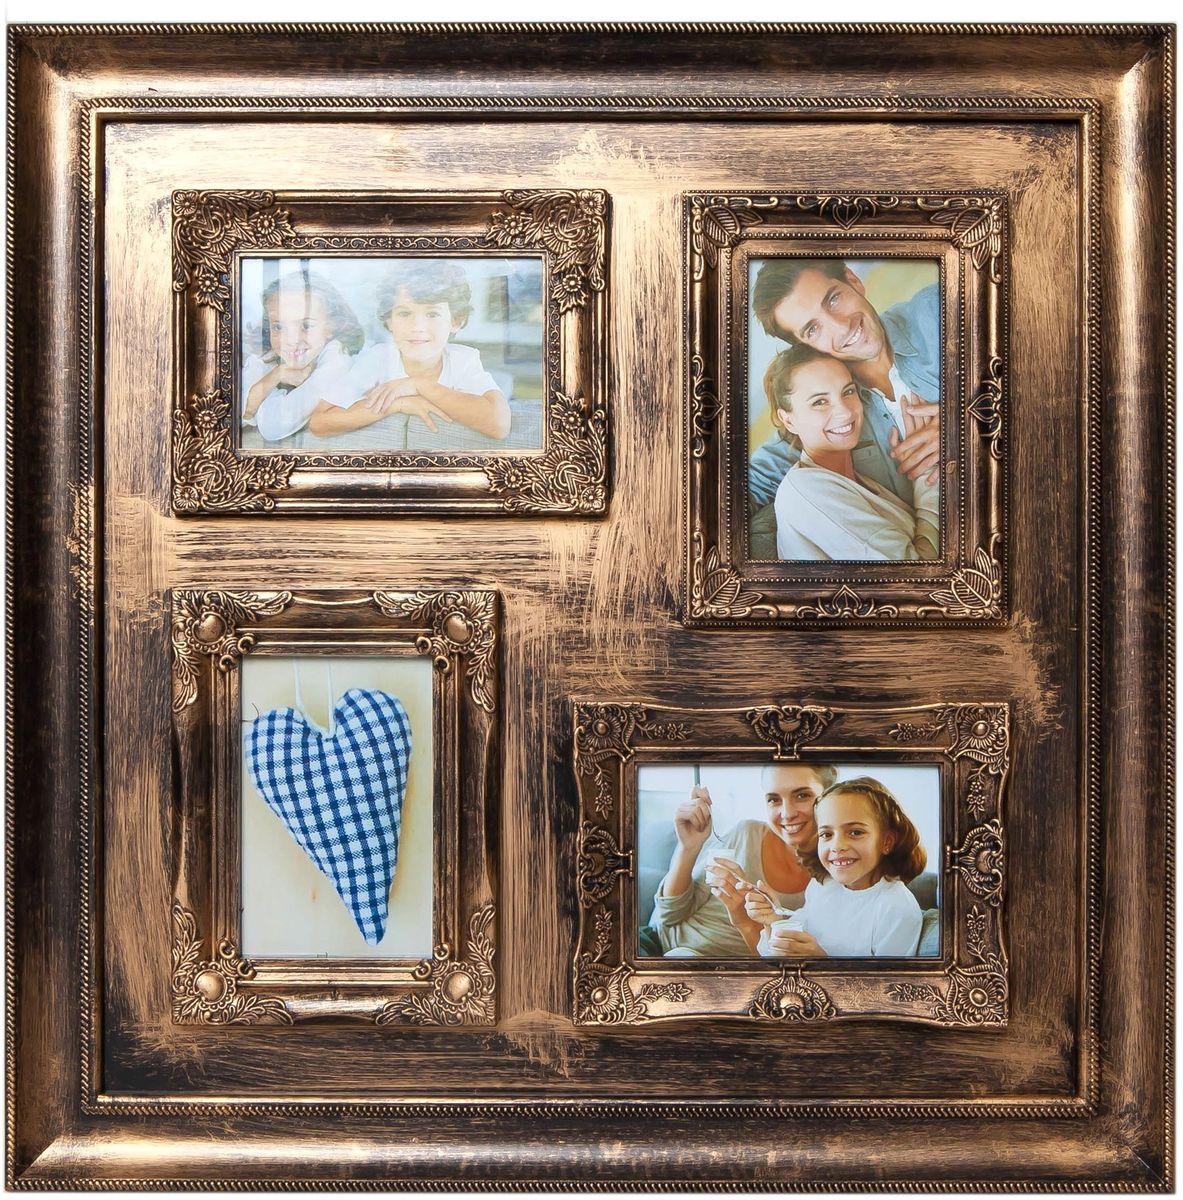 Фоторамка Platinum, цвет: золотистый, на 4 фото 10 х 15 смPLATINUM BIN-112134 Золотой (Gold)Фоторамка Platinum - прекрасный способ красиво оформить ваши фотографии. Фоторамка выполнена из пластика и защищена стеклом. Фоторамка-коллаж оригинального дизайна представляет собой фоторамку на четыре фото одного размера. Такая фоторамка поможет сохранить в памяти самые яркие моменты вашей жизни, а стильный дизайн сделает ее прекрасным дополнением интерьера комнаты.Фоторамка подходит для фотографий 10 х 15 см.Общий размер фоторамки: 53 х 53 см.